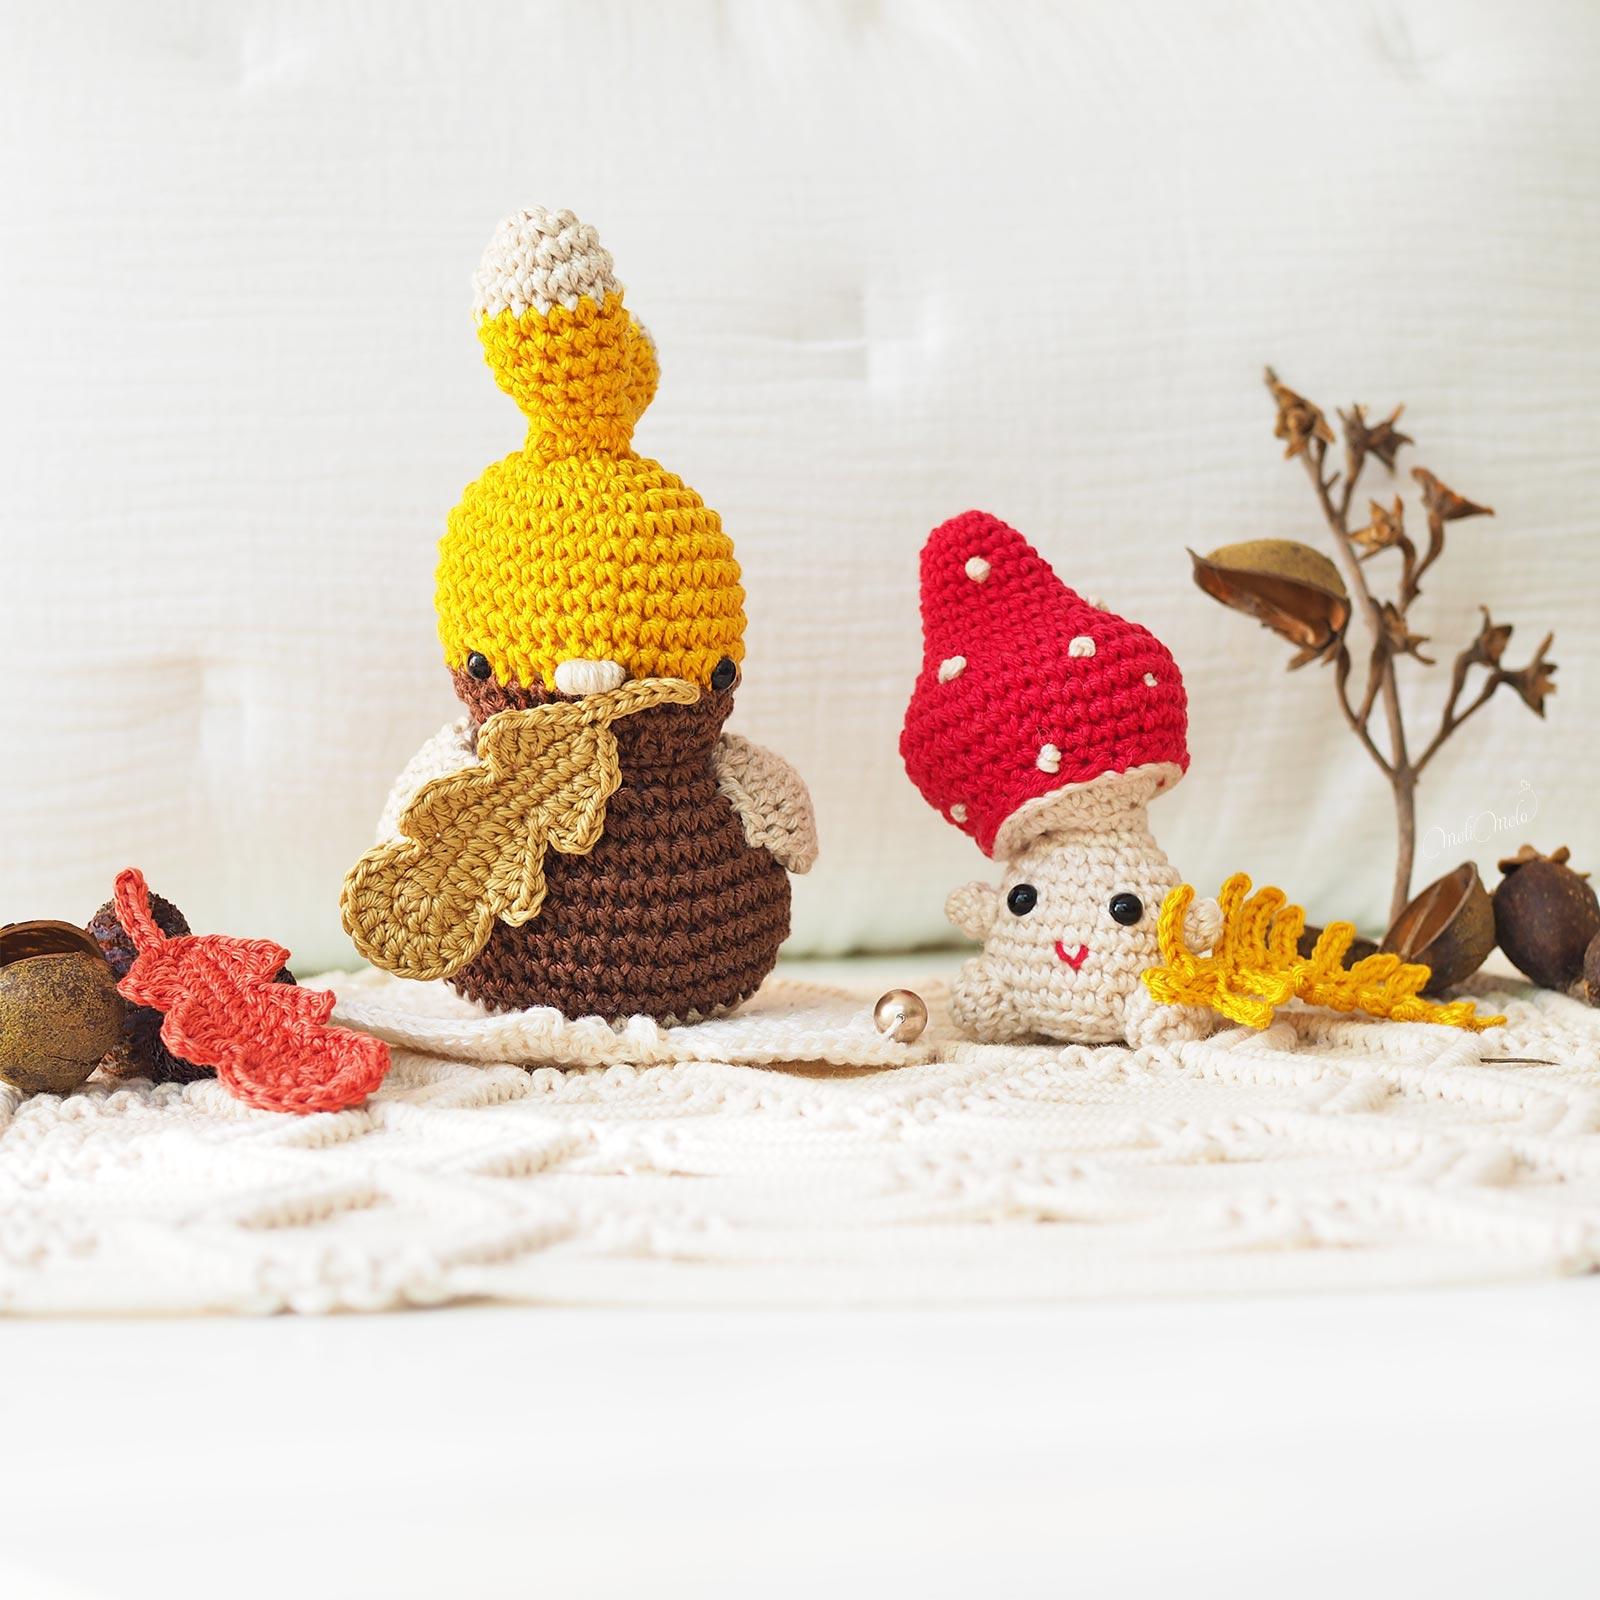 amigurumis-piaf-champignon-amanite-crochet-feuilles-automne-laboutiquedemelimelo